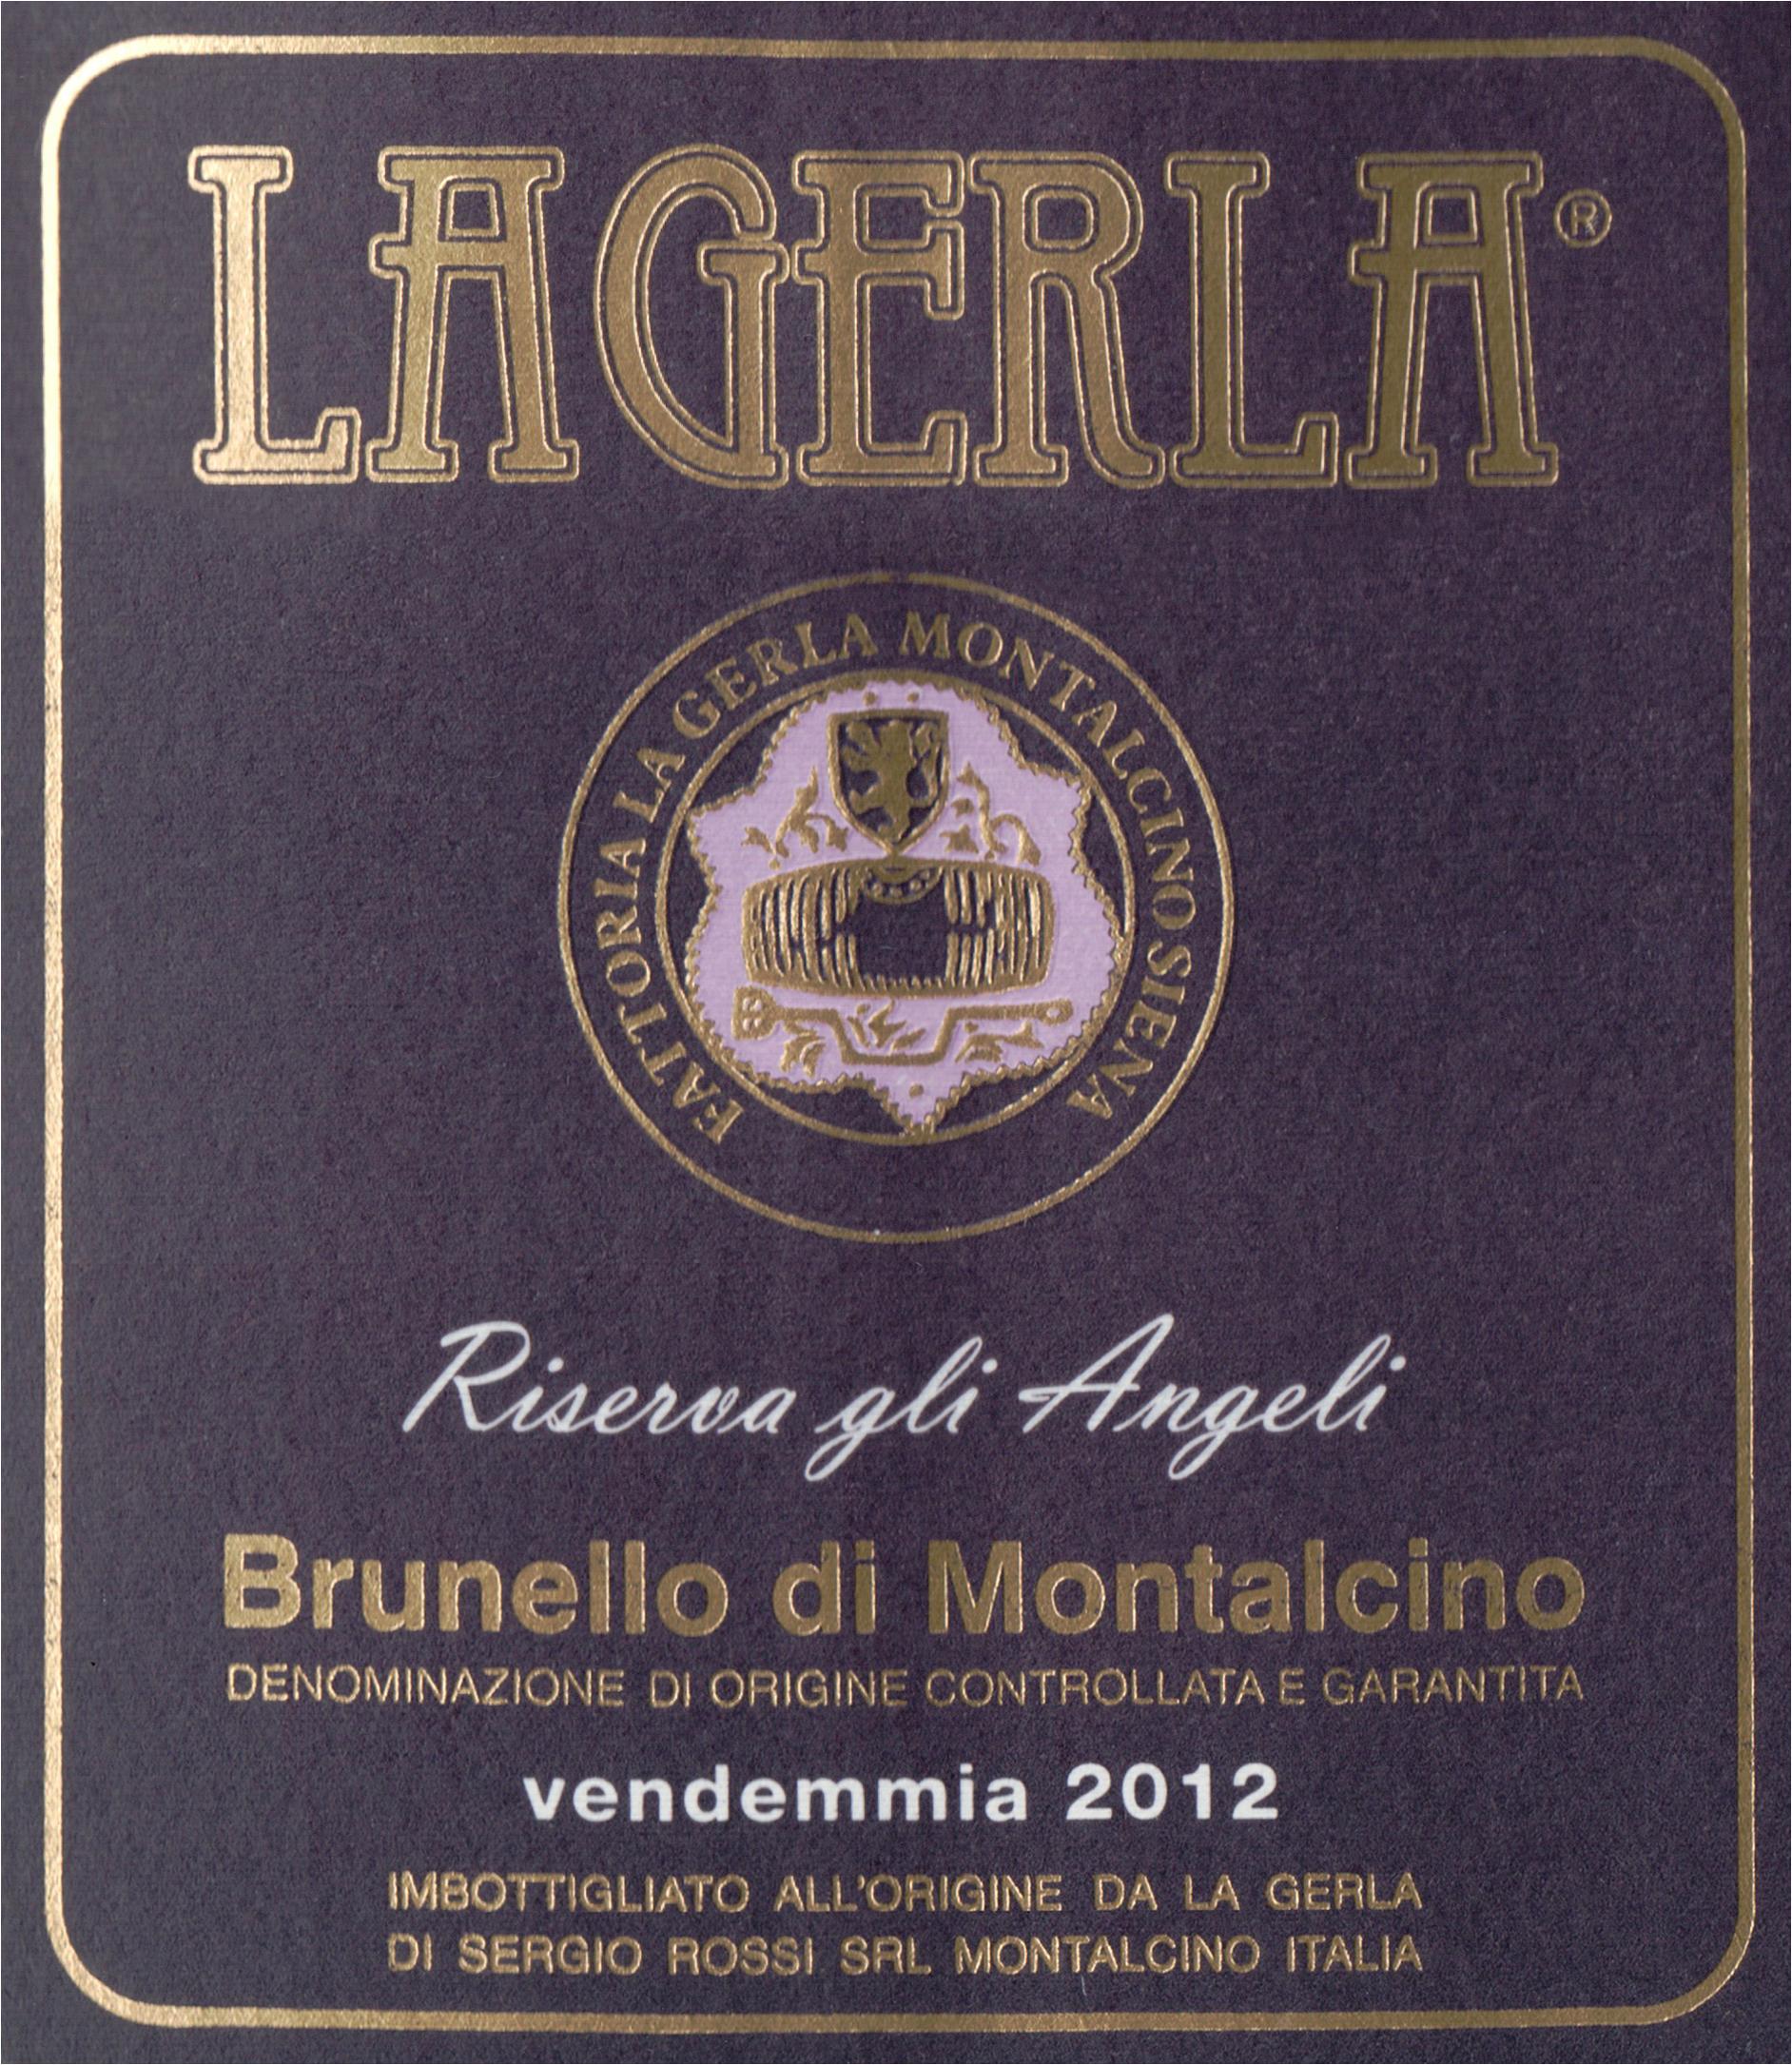 La Gerla Brunello Di Montalcino Riserva Angeli 2012